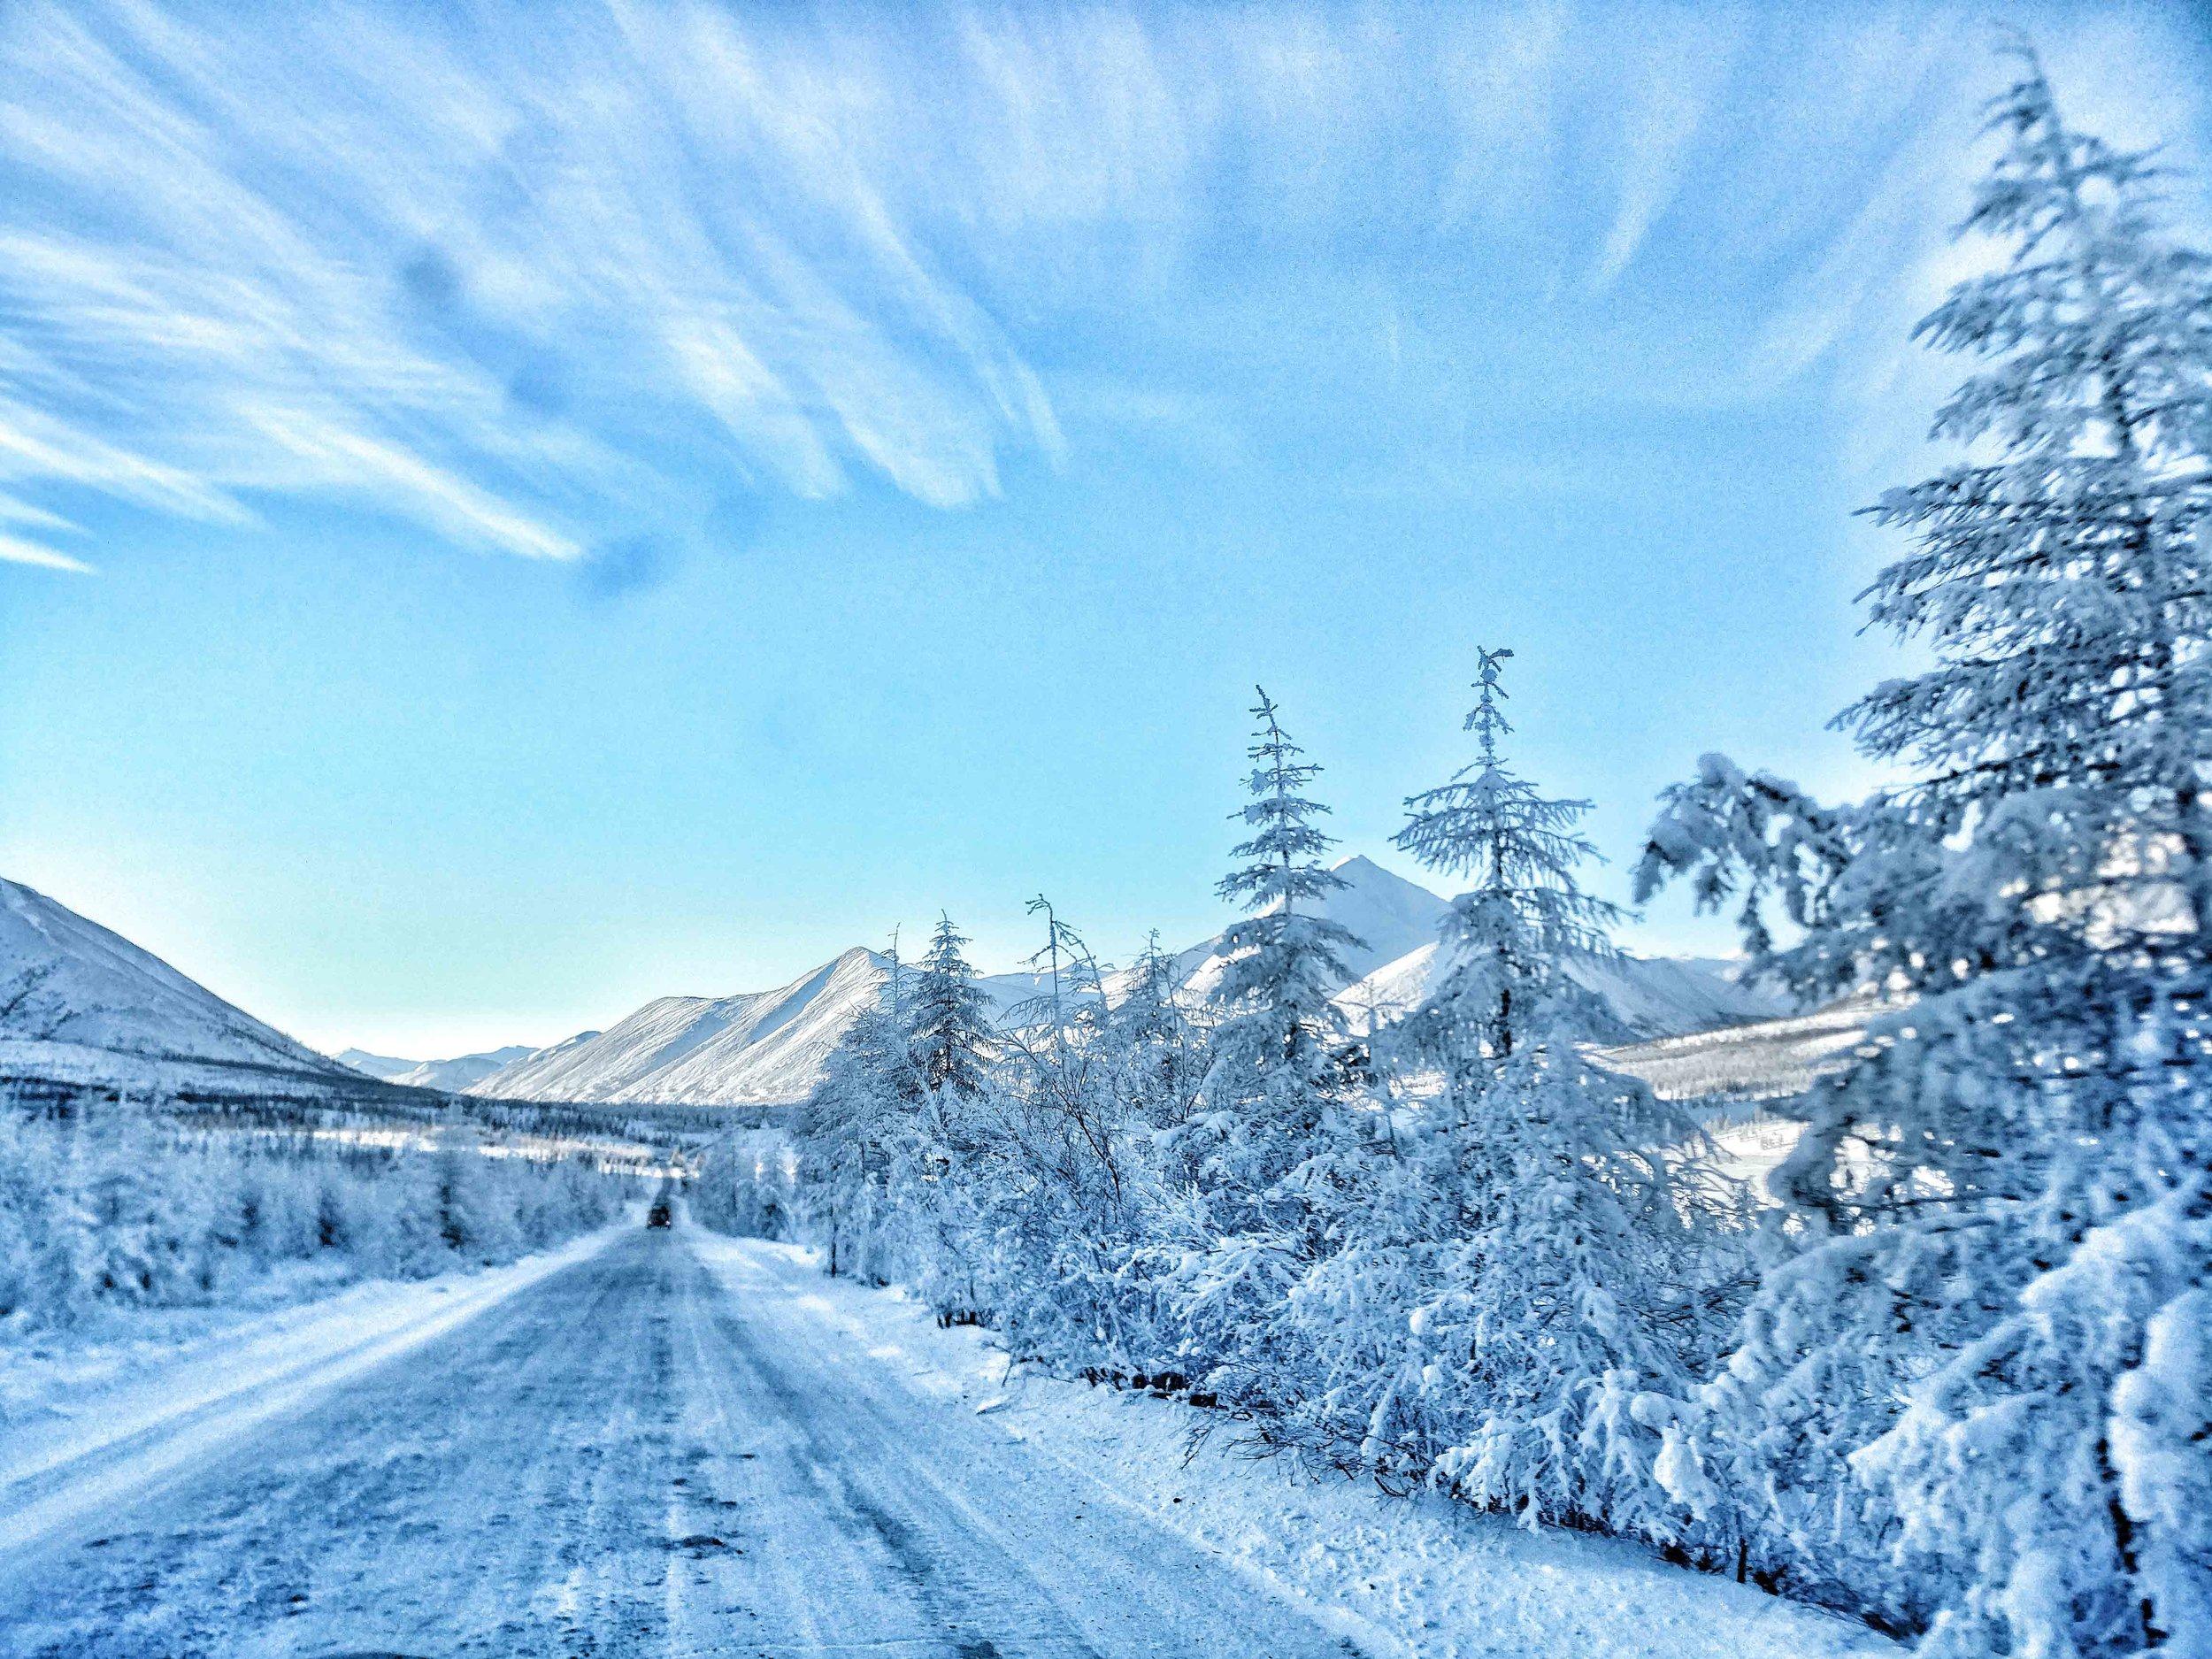 La Route bleue des Ames      Dans le nord-est de la Russie, on a un jour, dans les années 1930, voulu tracer un trait dans le blanc. Une route devant relier un nulle part – la ville de Magadan, tout juste fondée par les prisonniers du Goulag au bord de la mer d'Okhotsk, cette « île » comme elle a longtemps été surnommée –au continent russe. Une route qui servirait à désenclaver la région, exploiter et acheminer vers l'ouest, par la Iakoutie, les formidables trésors de son sol : or, argent, étain, uranium, bois.      A lire en ligne, grand format:https://www.lecourrierderussie.com/grand-format/route-bleue-ames/